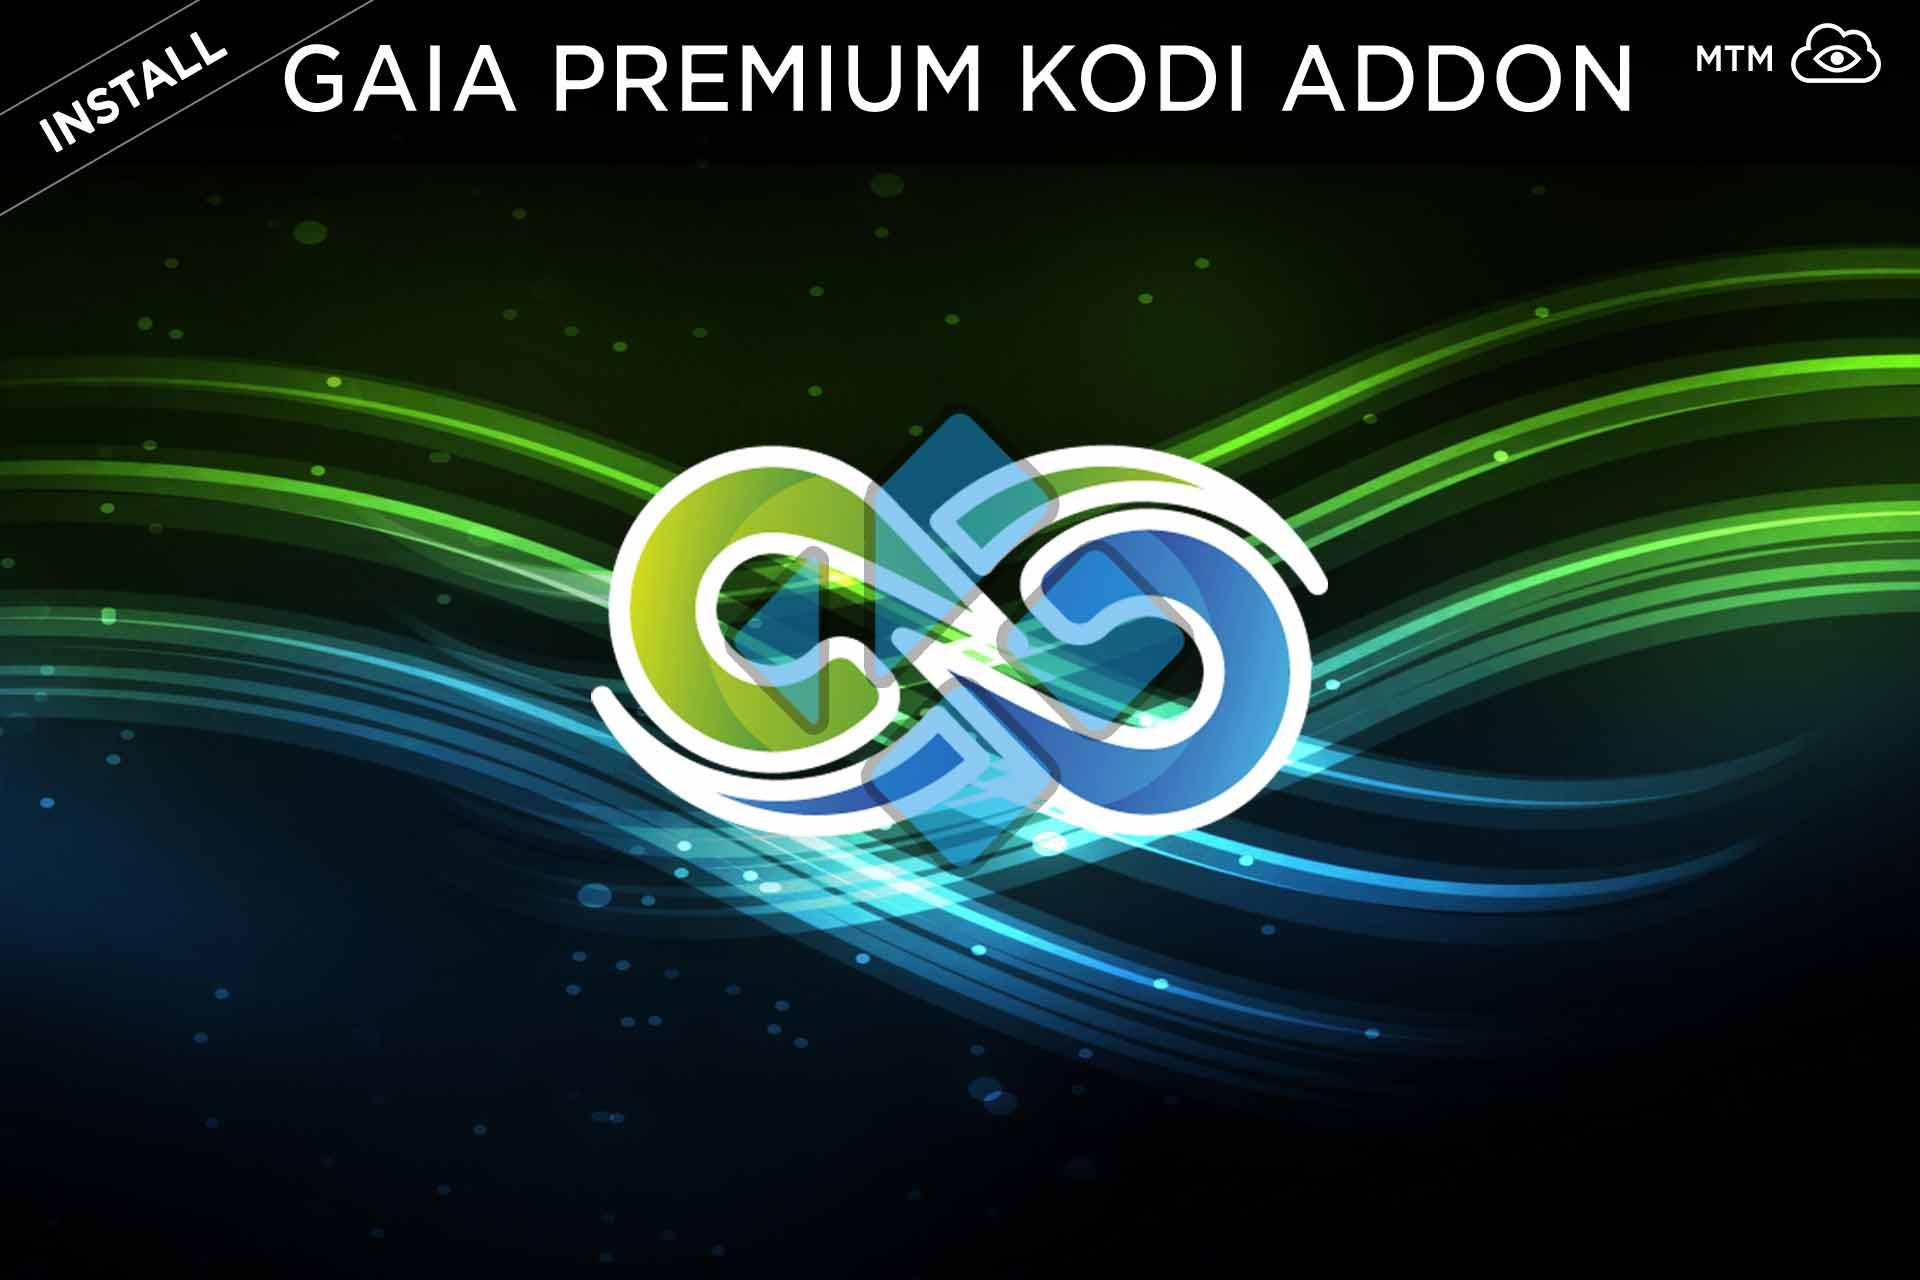 Instalatu Gaia Kodi Addon Torrent, Usenet eta Debrid Video Streaming